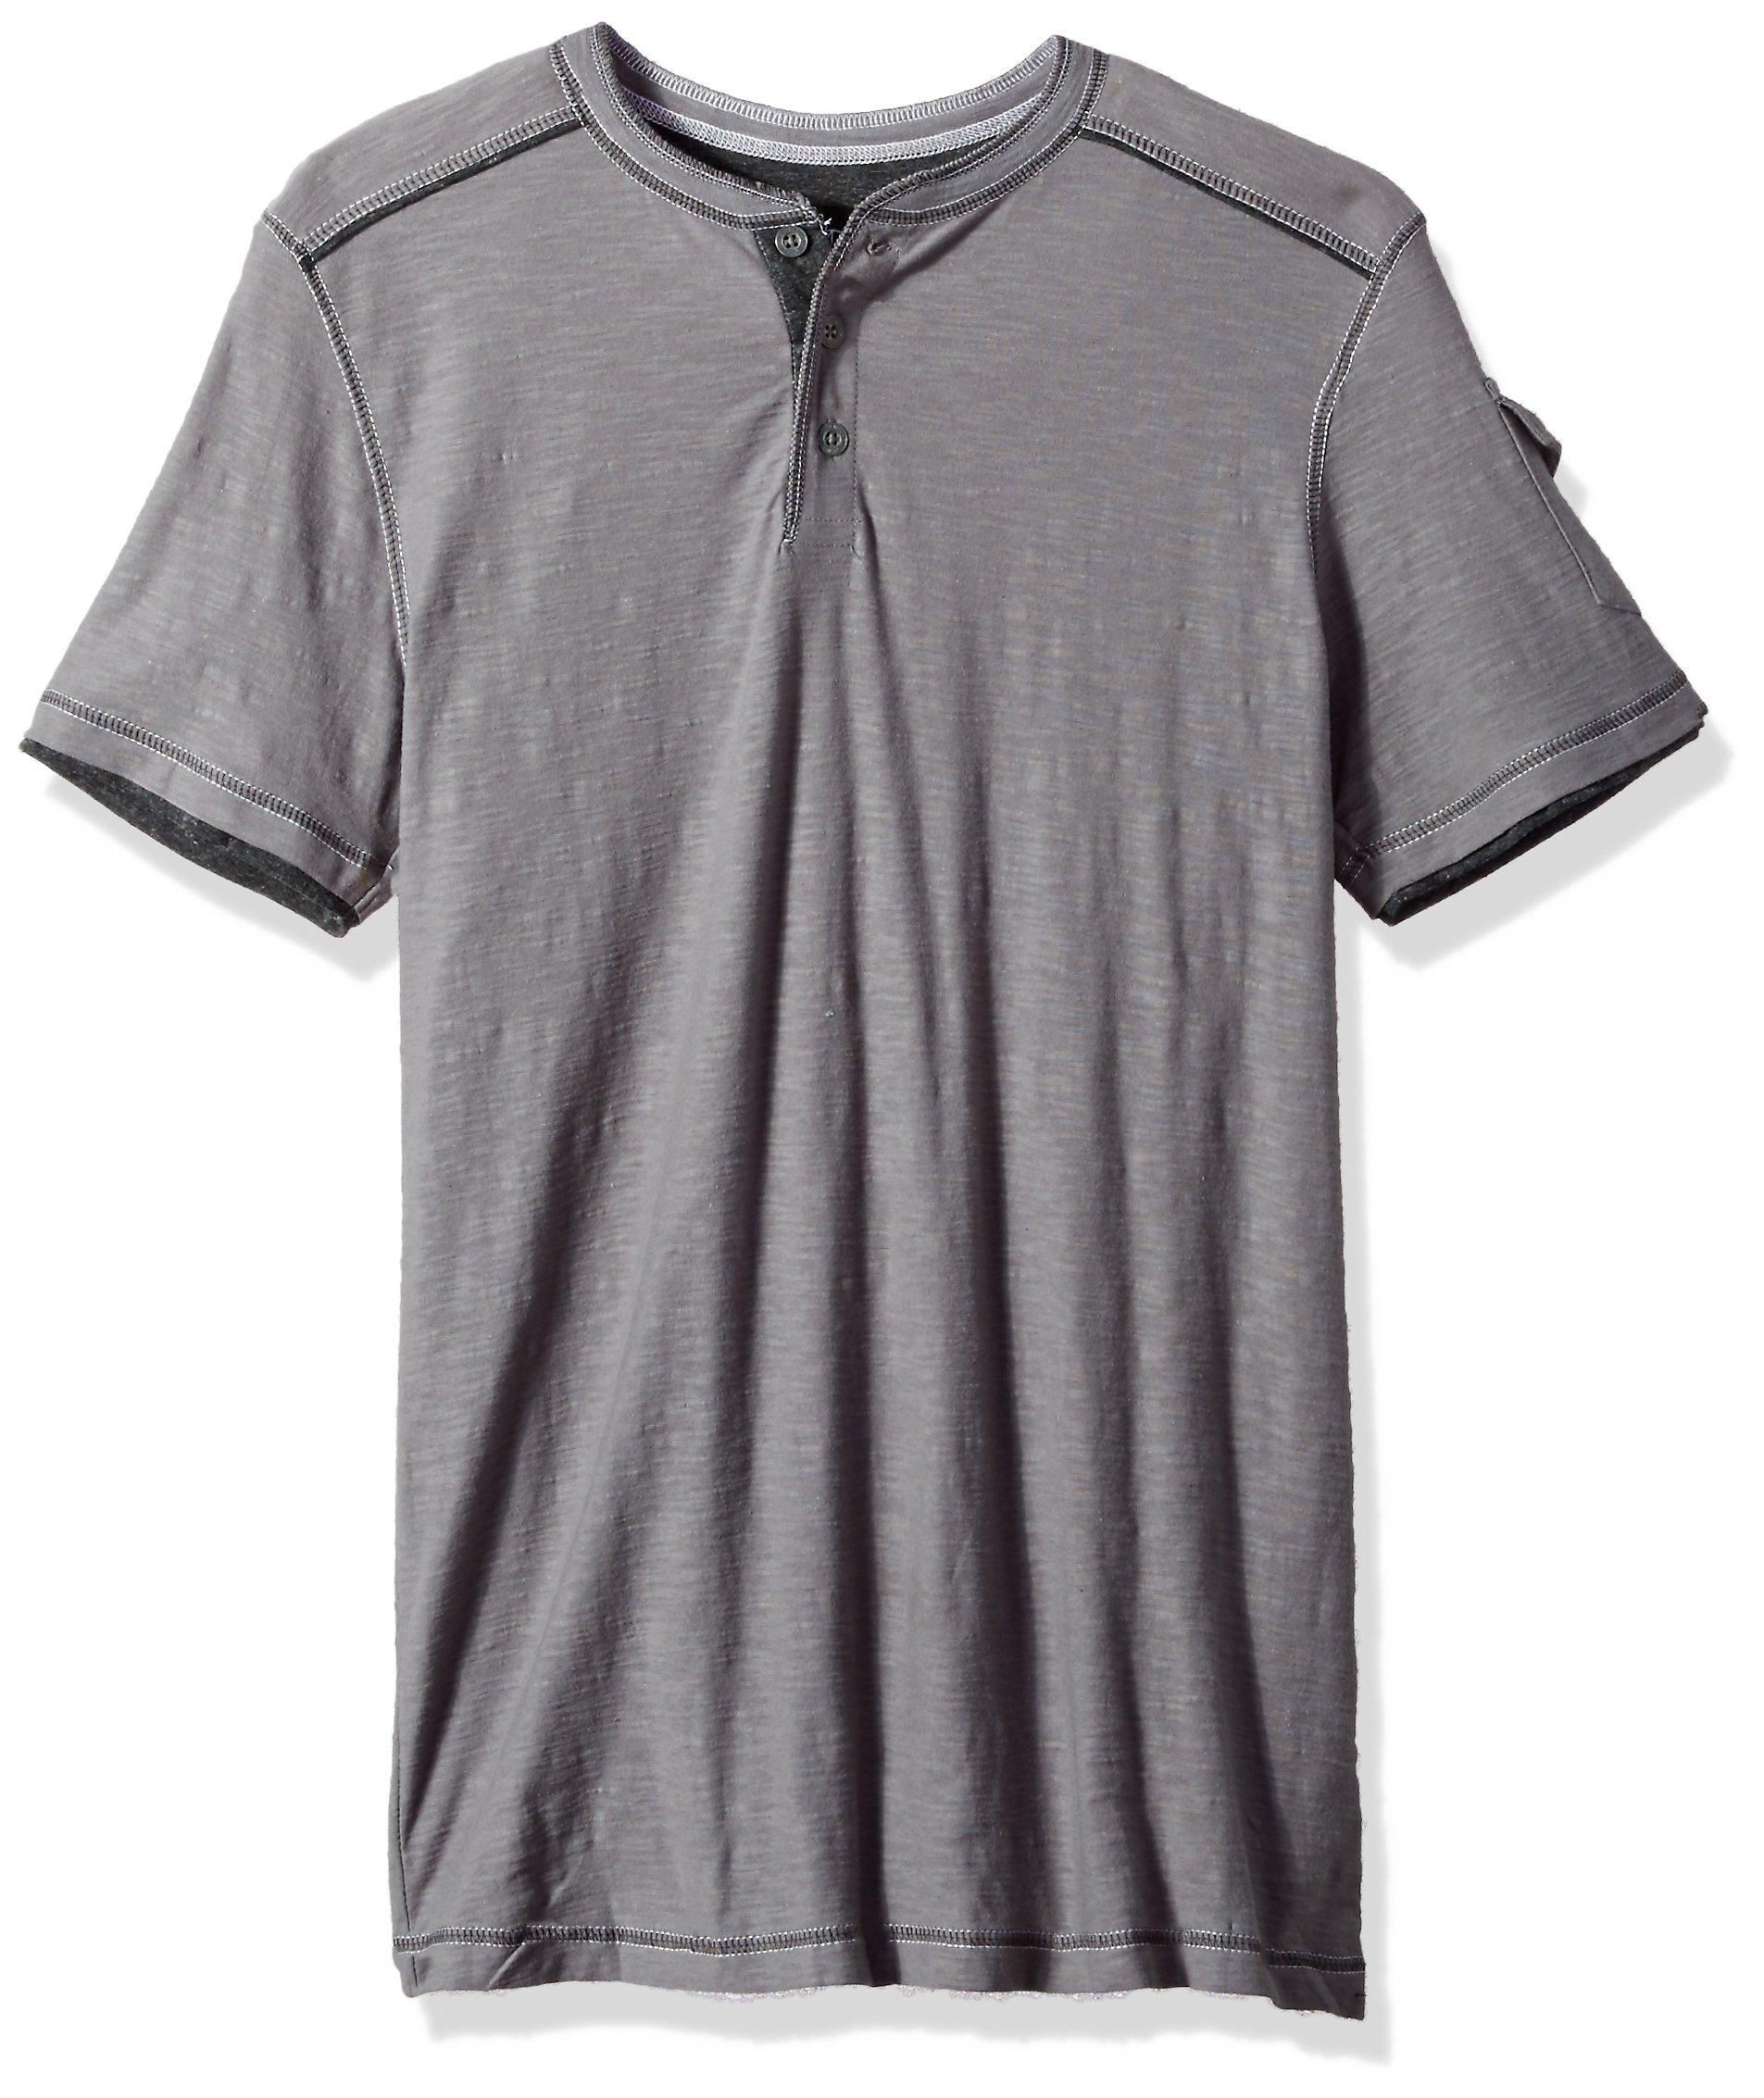 Modern Culture Men's Short Sleeve Henley Shirt, Pewter, Small